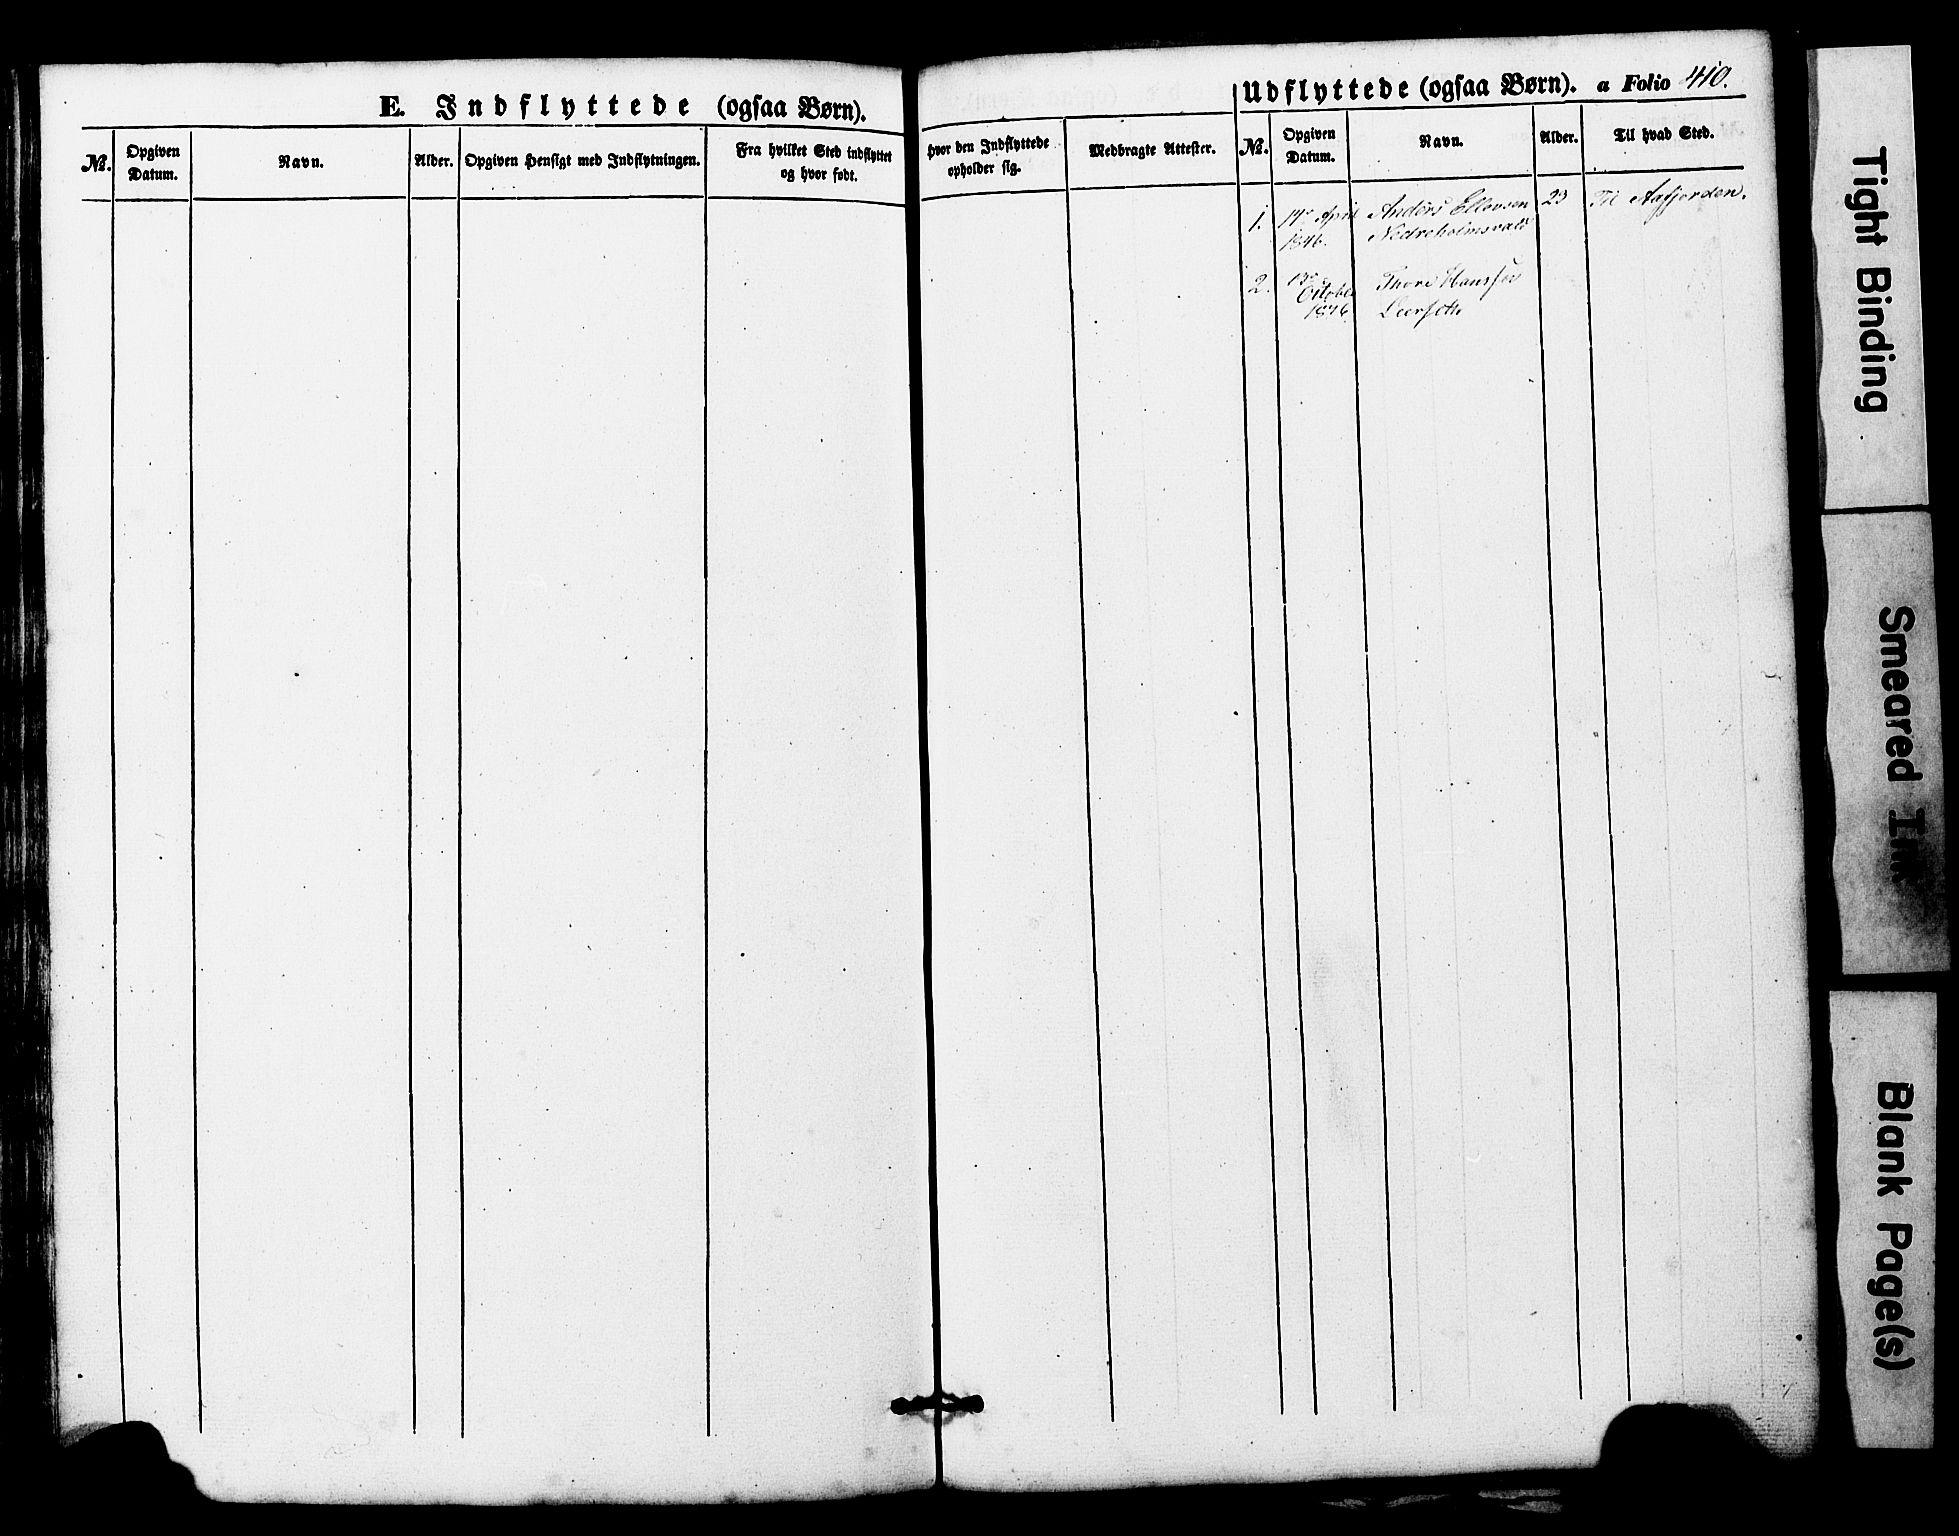 SAT, Ministerialprotokoller, klokkerbøker og fødselsregistre - Nord-Trøndelag, 724/L0268: Klokkerbok nr. 724C04, 1846-1878, s. 410